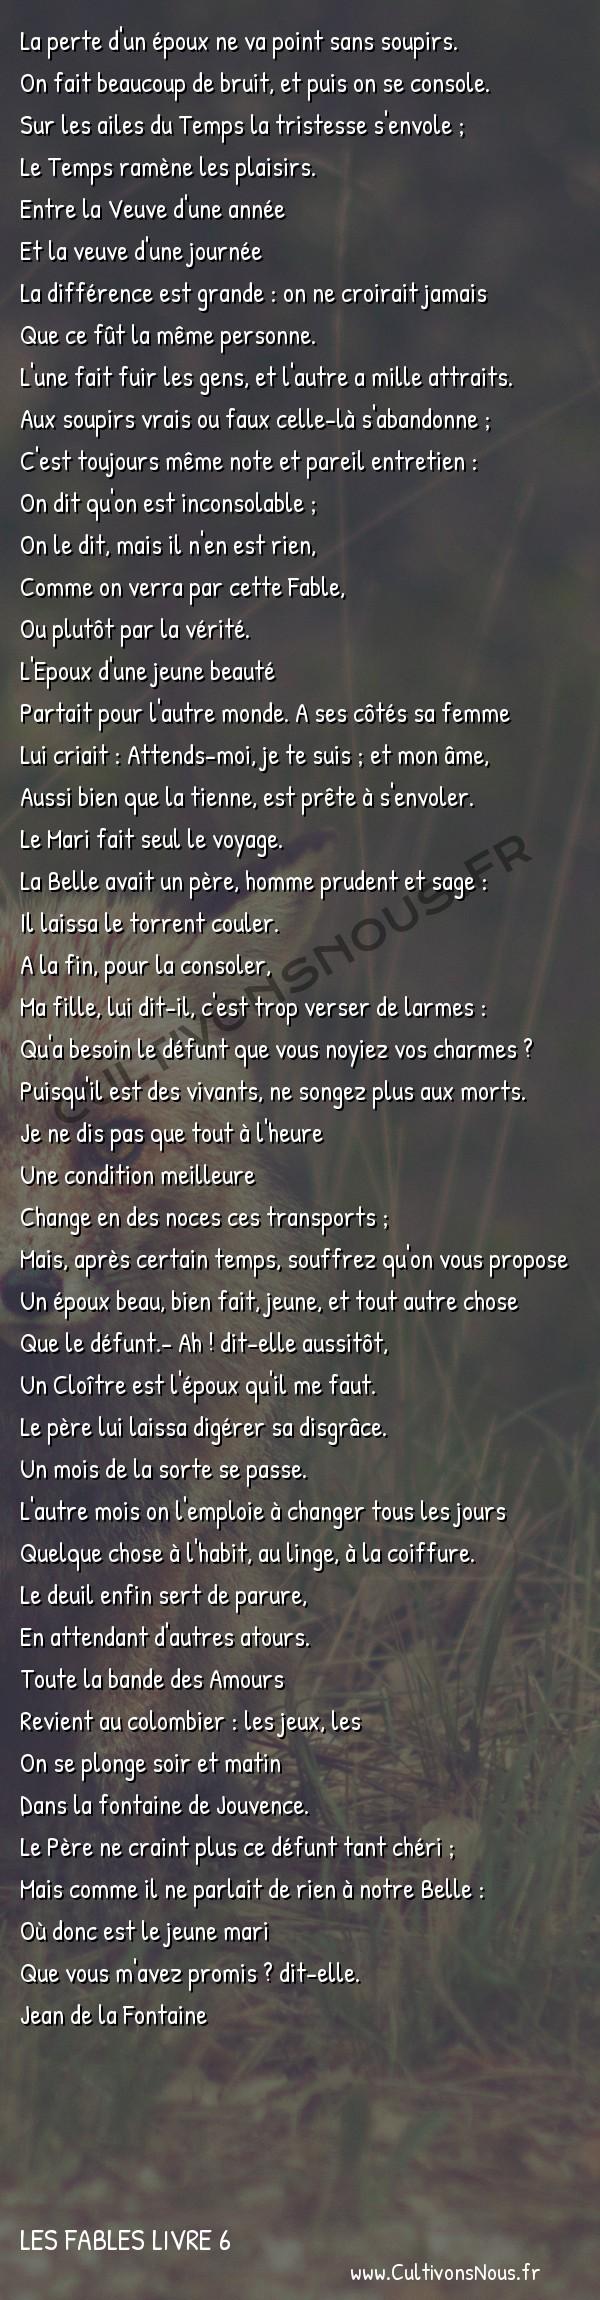 Fables Jean de la Fontaine - Les fables Livre 6 - La jeune Veuve -   La perte d'un époux ne va point sans soupirs. On fait beaucoup de bruit, et puis on se console.